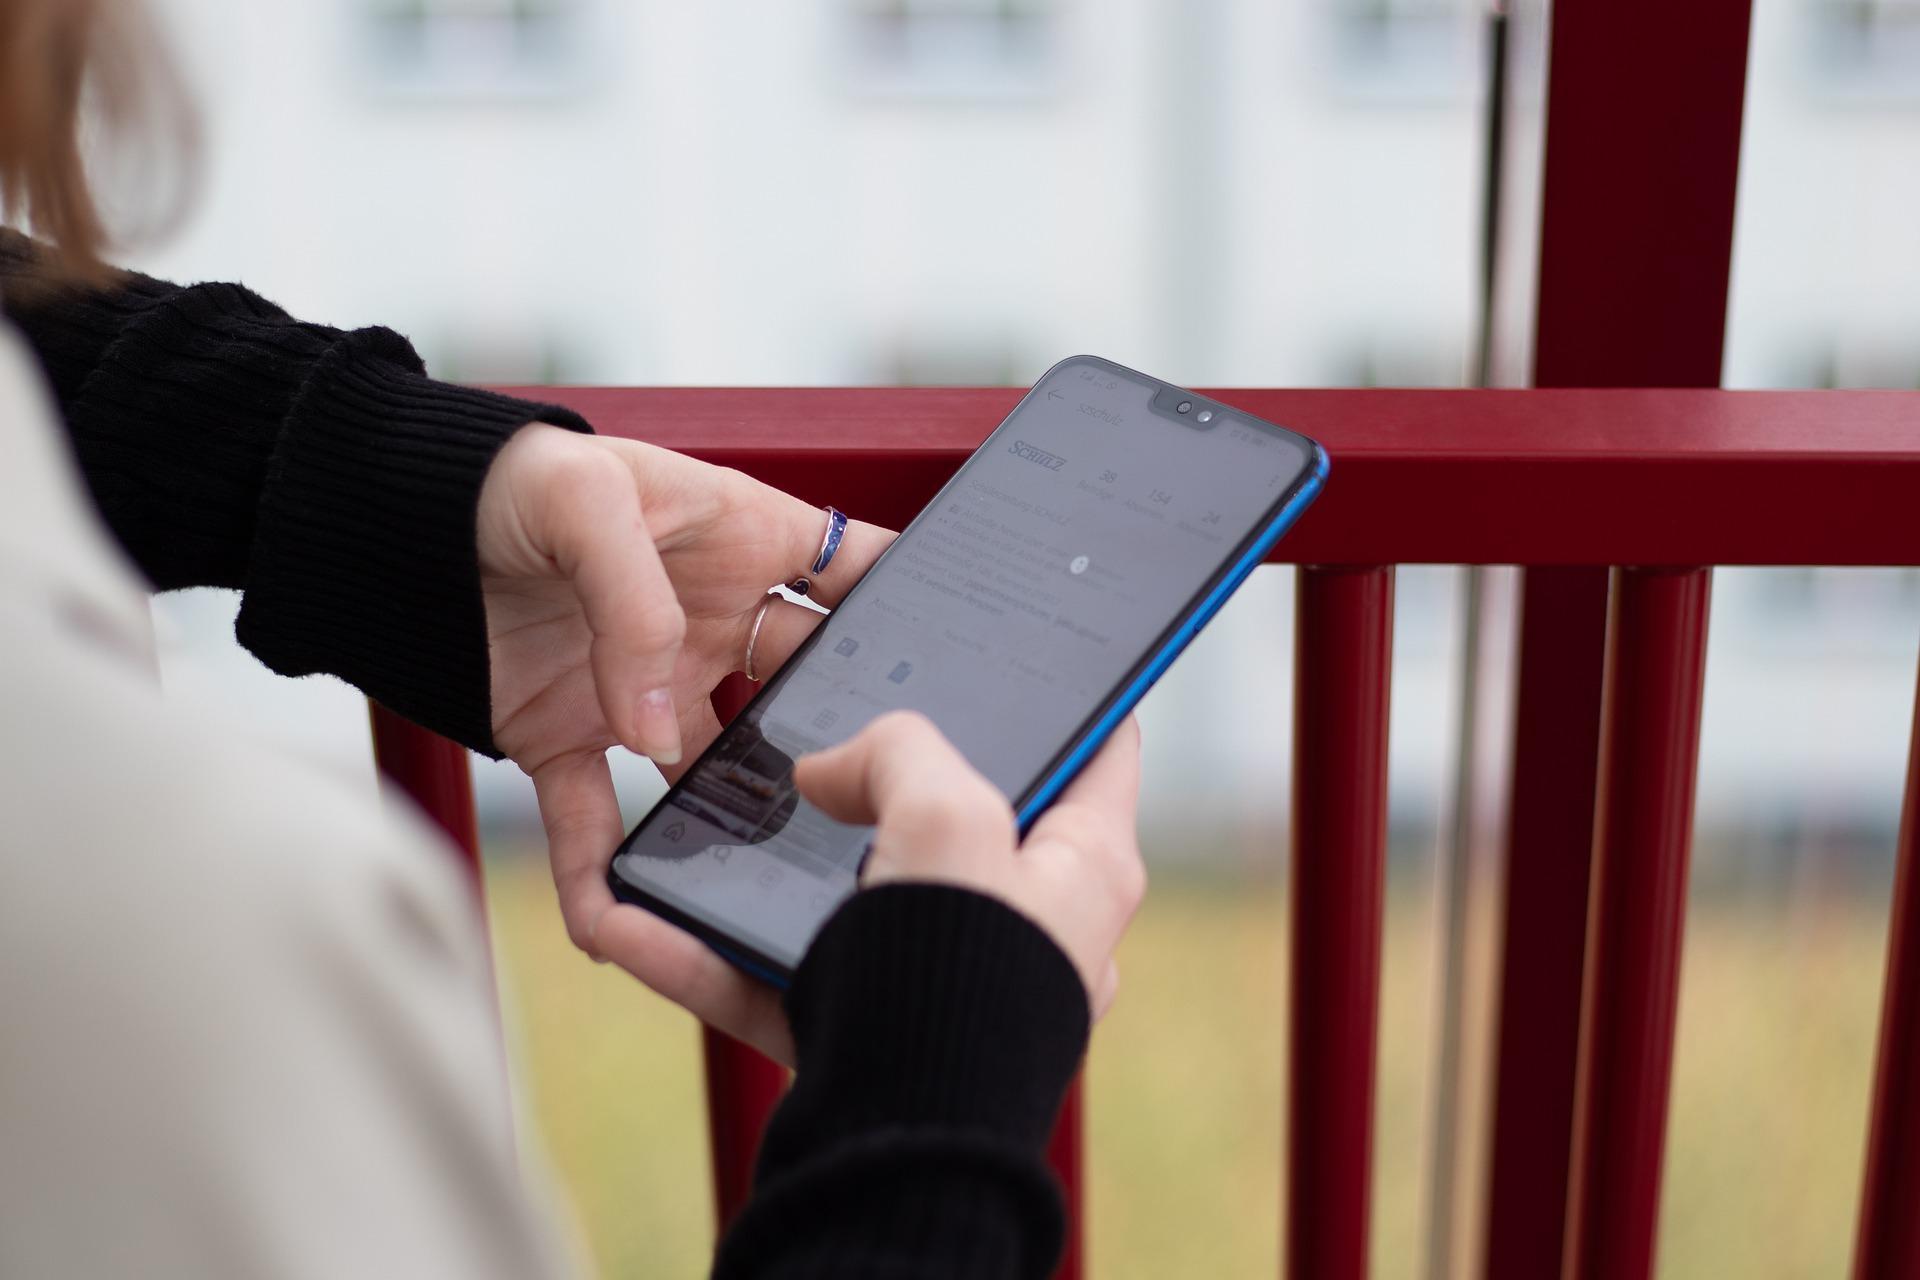 10 лучших смартфонов поданным «Роскачества»